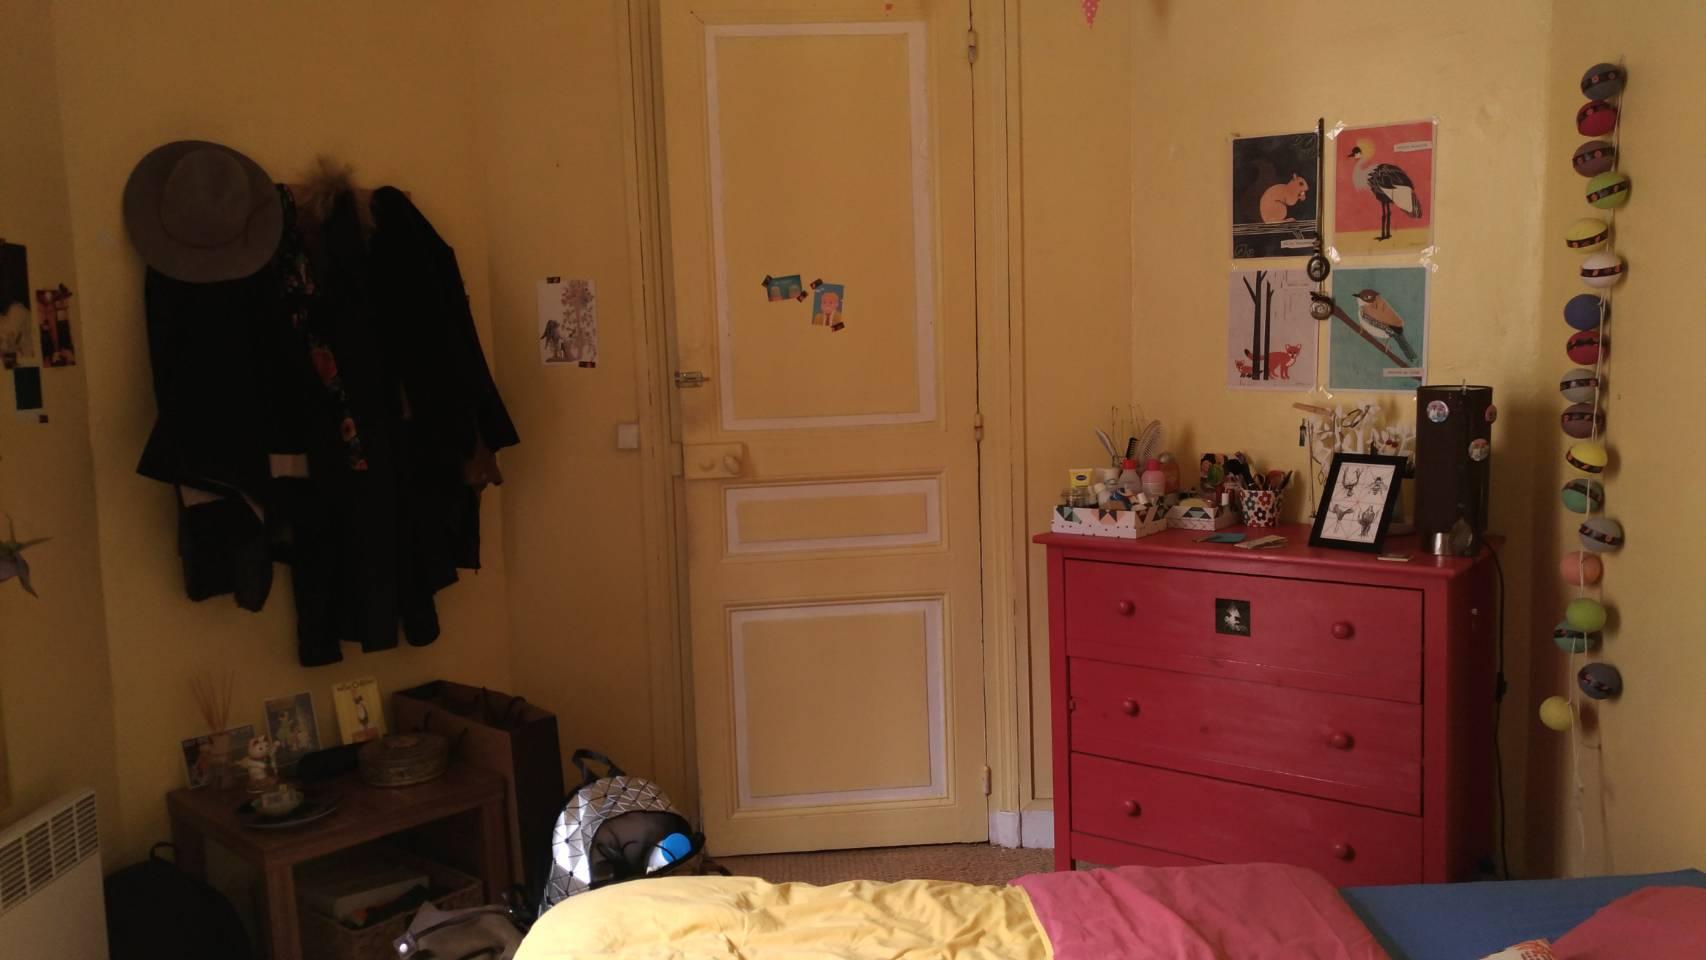 法國巴黎位於第13區的Airbnb之房門 photo by 倍包客